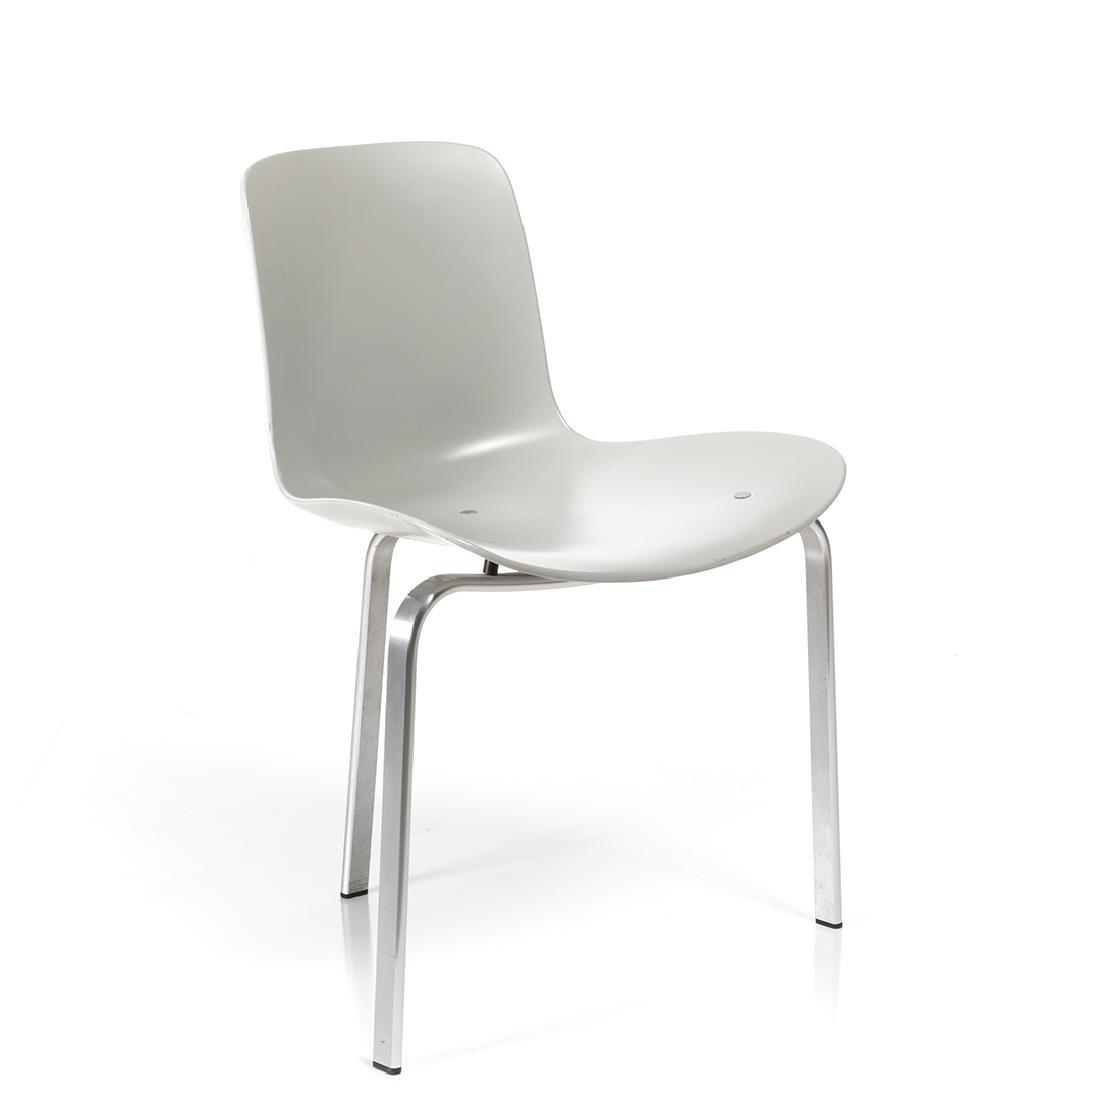 Poul Kjaerholm PK8 Chair - 2